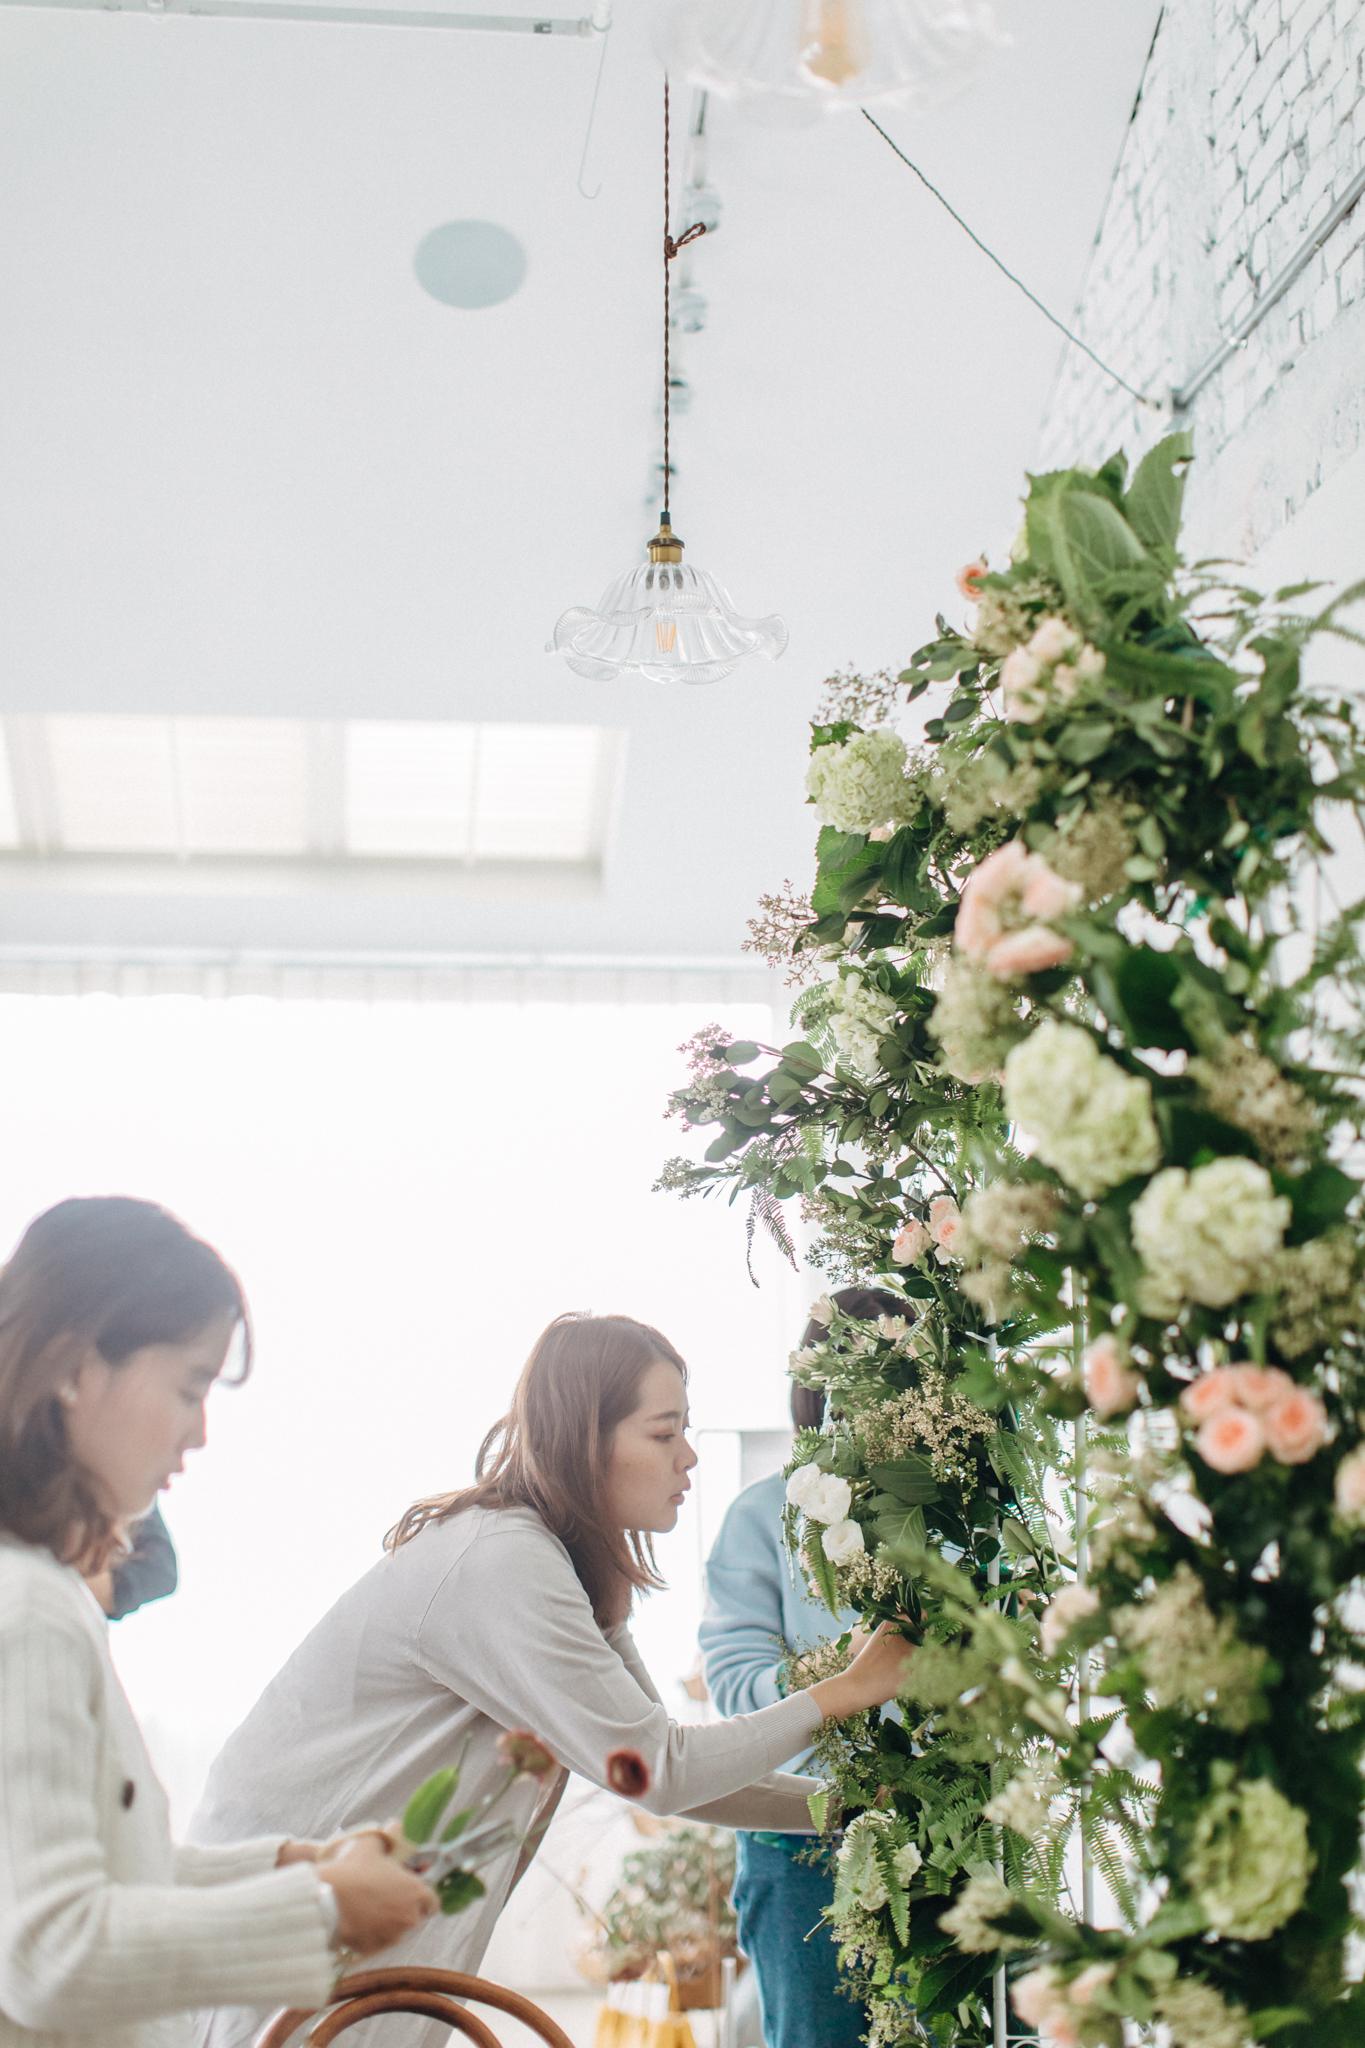 花藝課程場地租借棚拍婚紗攝影棚3.jpg